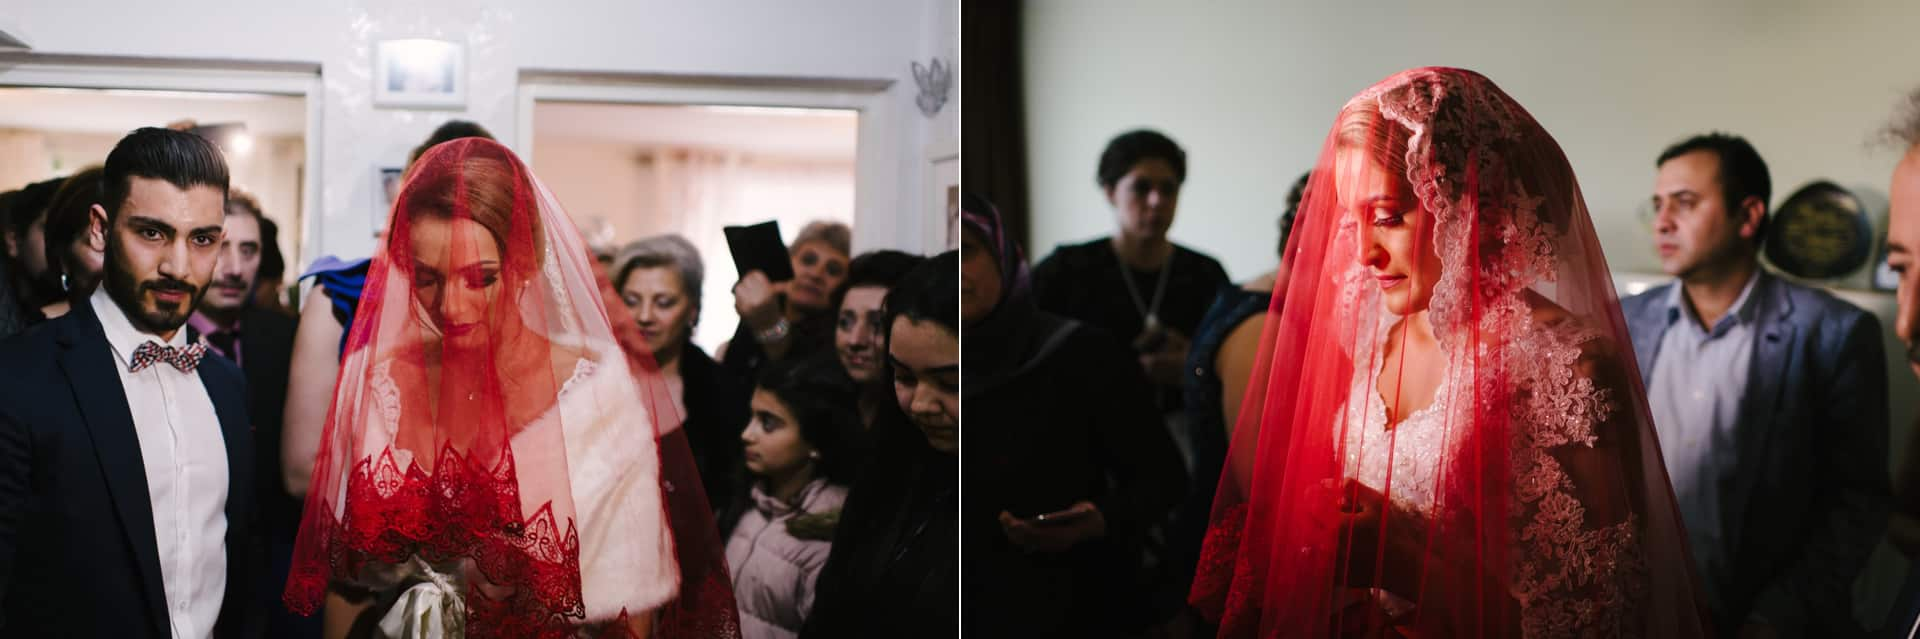 Die Braut verlässt das Haus und verabschiedet sich noch mal